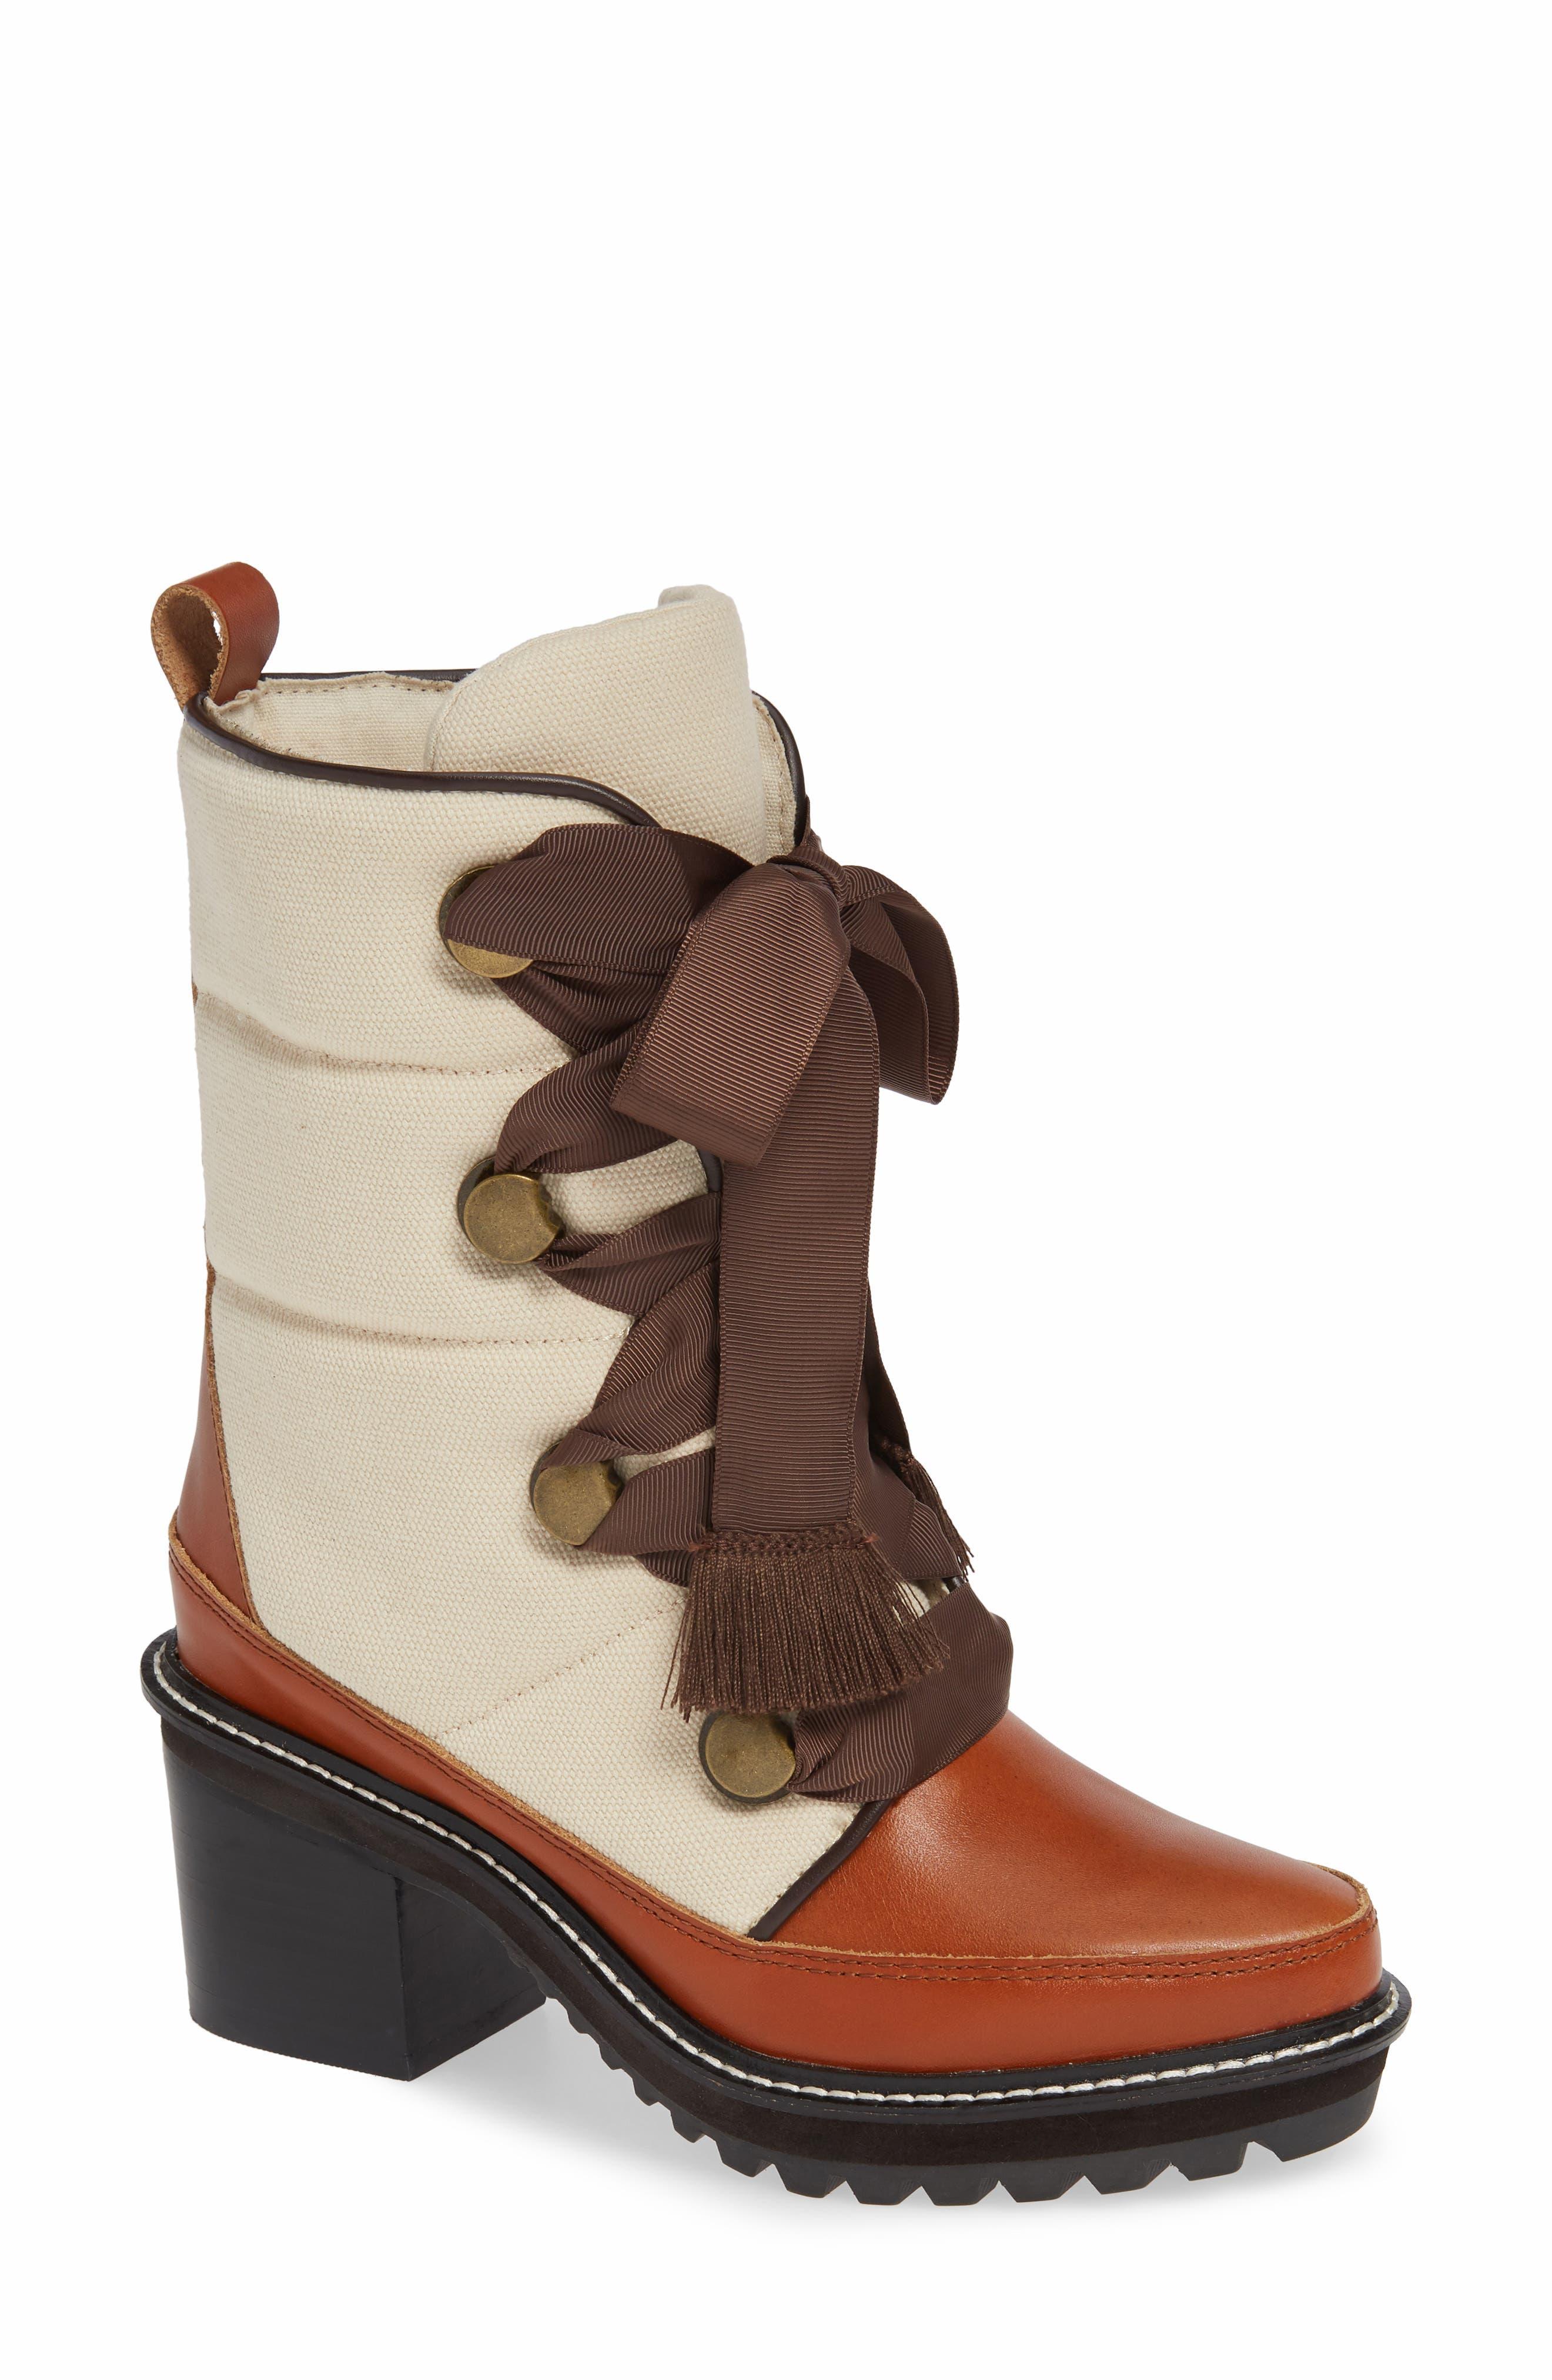 Kelsi Dagger Brooklyn Puffin Lug Sole Boot- Ivory